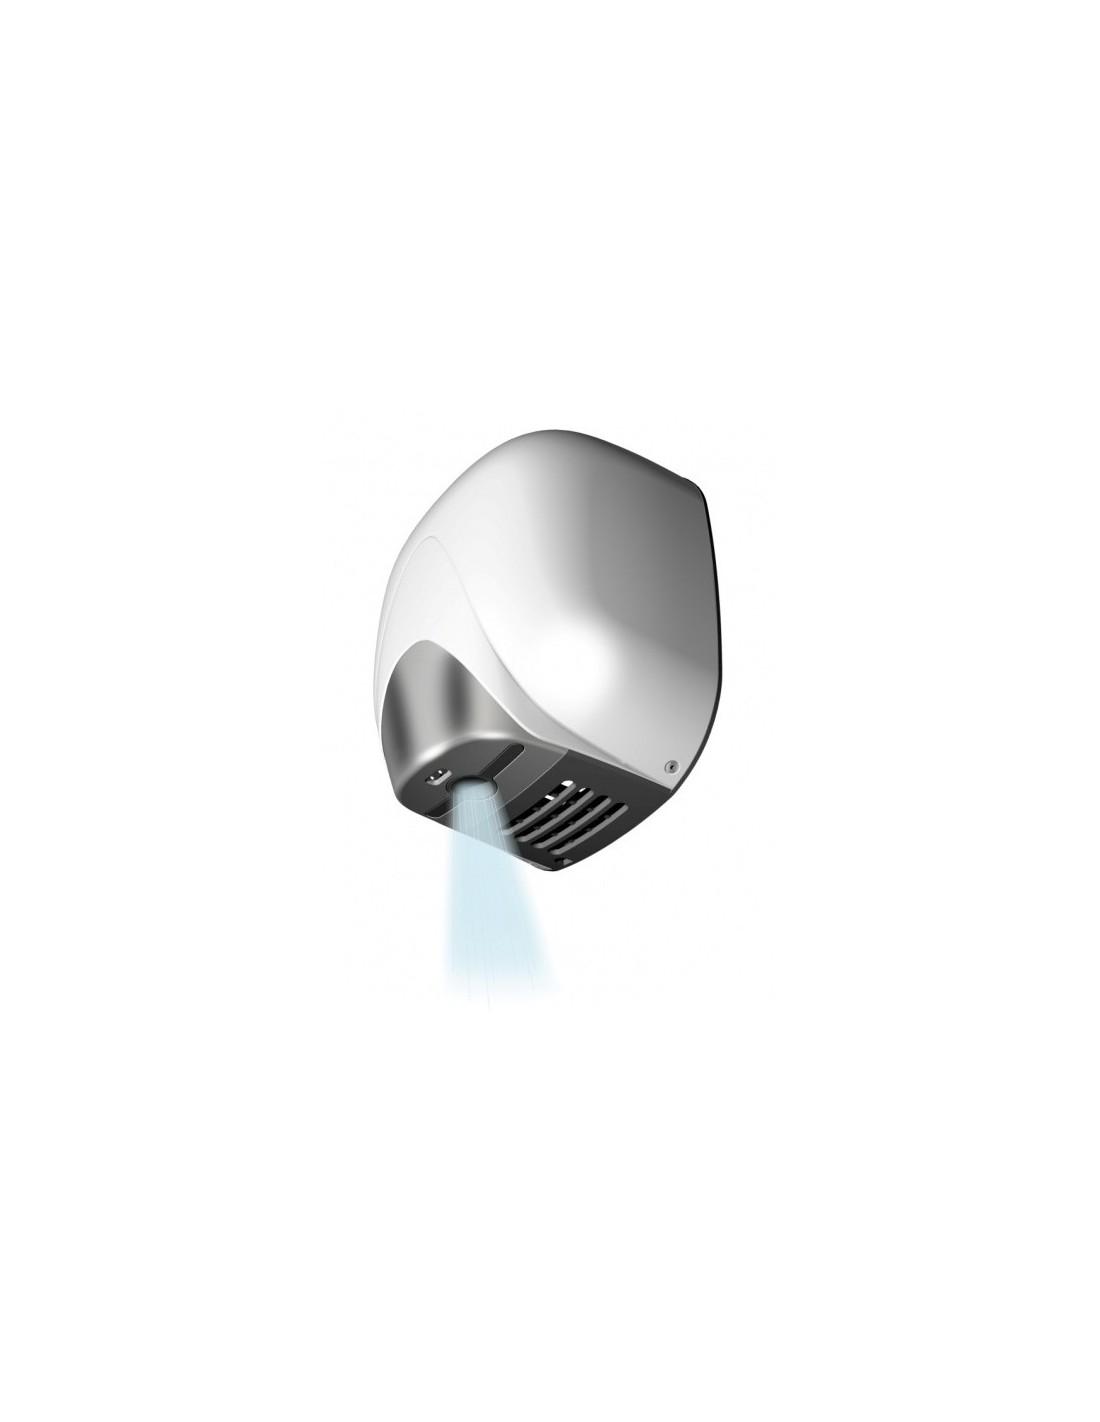 vendita asciugamani elettrico aria calda per arredo bagni wc - Arredo Bagno Elettrico